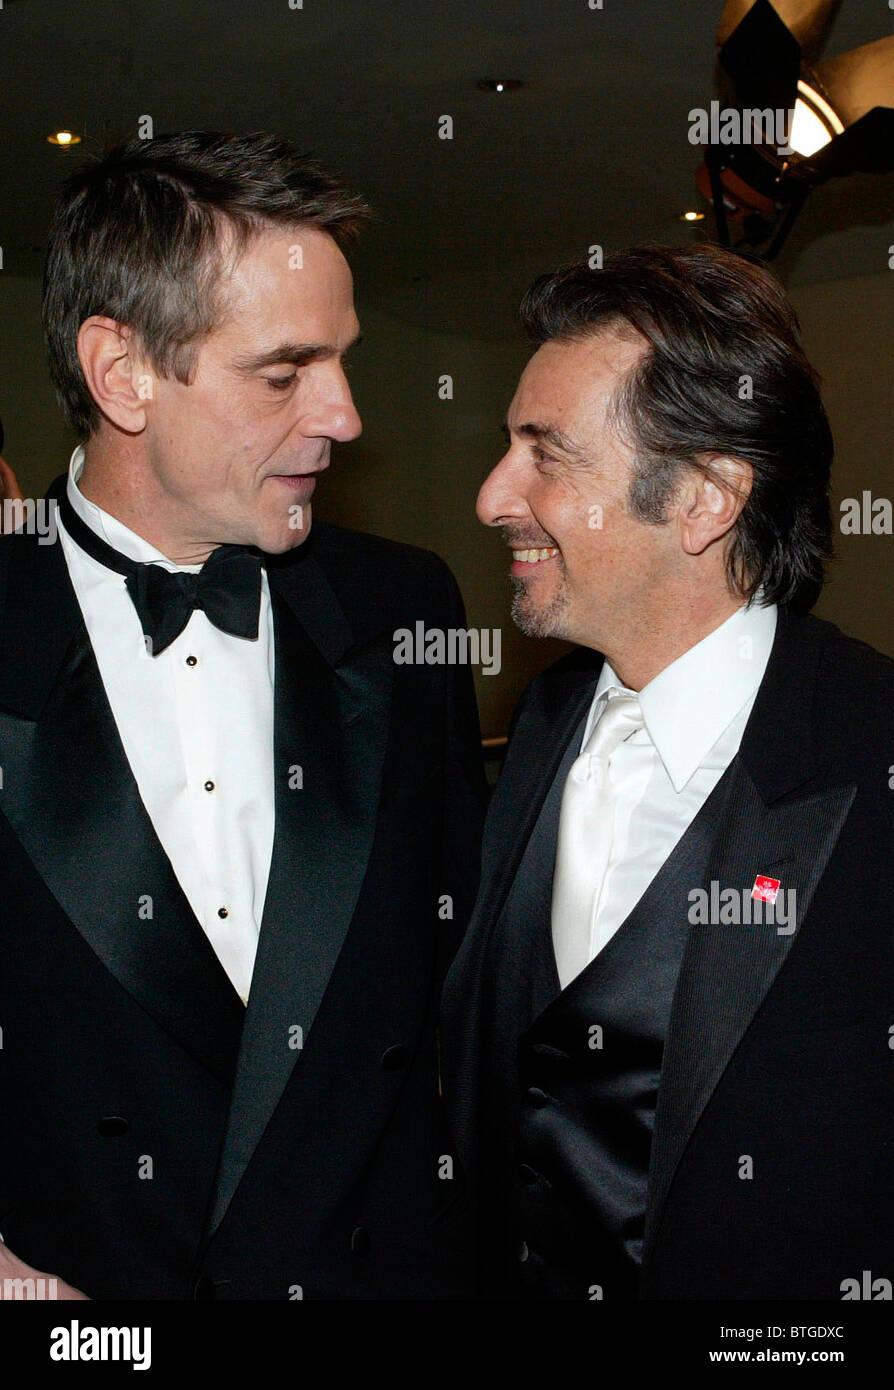 """Jeremy Irons und Al Pacino bei europäischen Charity-Premiere von Shakespeares """"der Kaufmann von Venedig"""" Stockbild"""